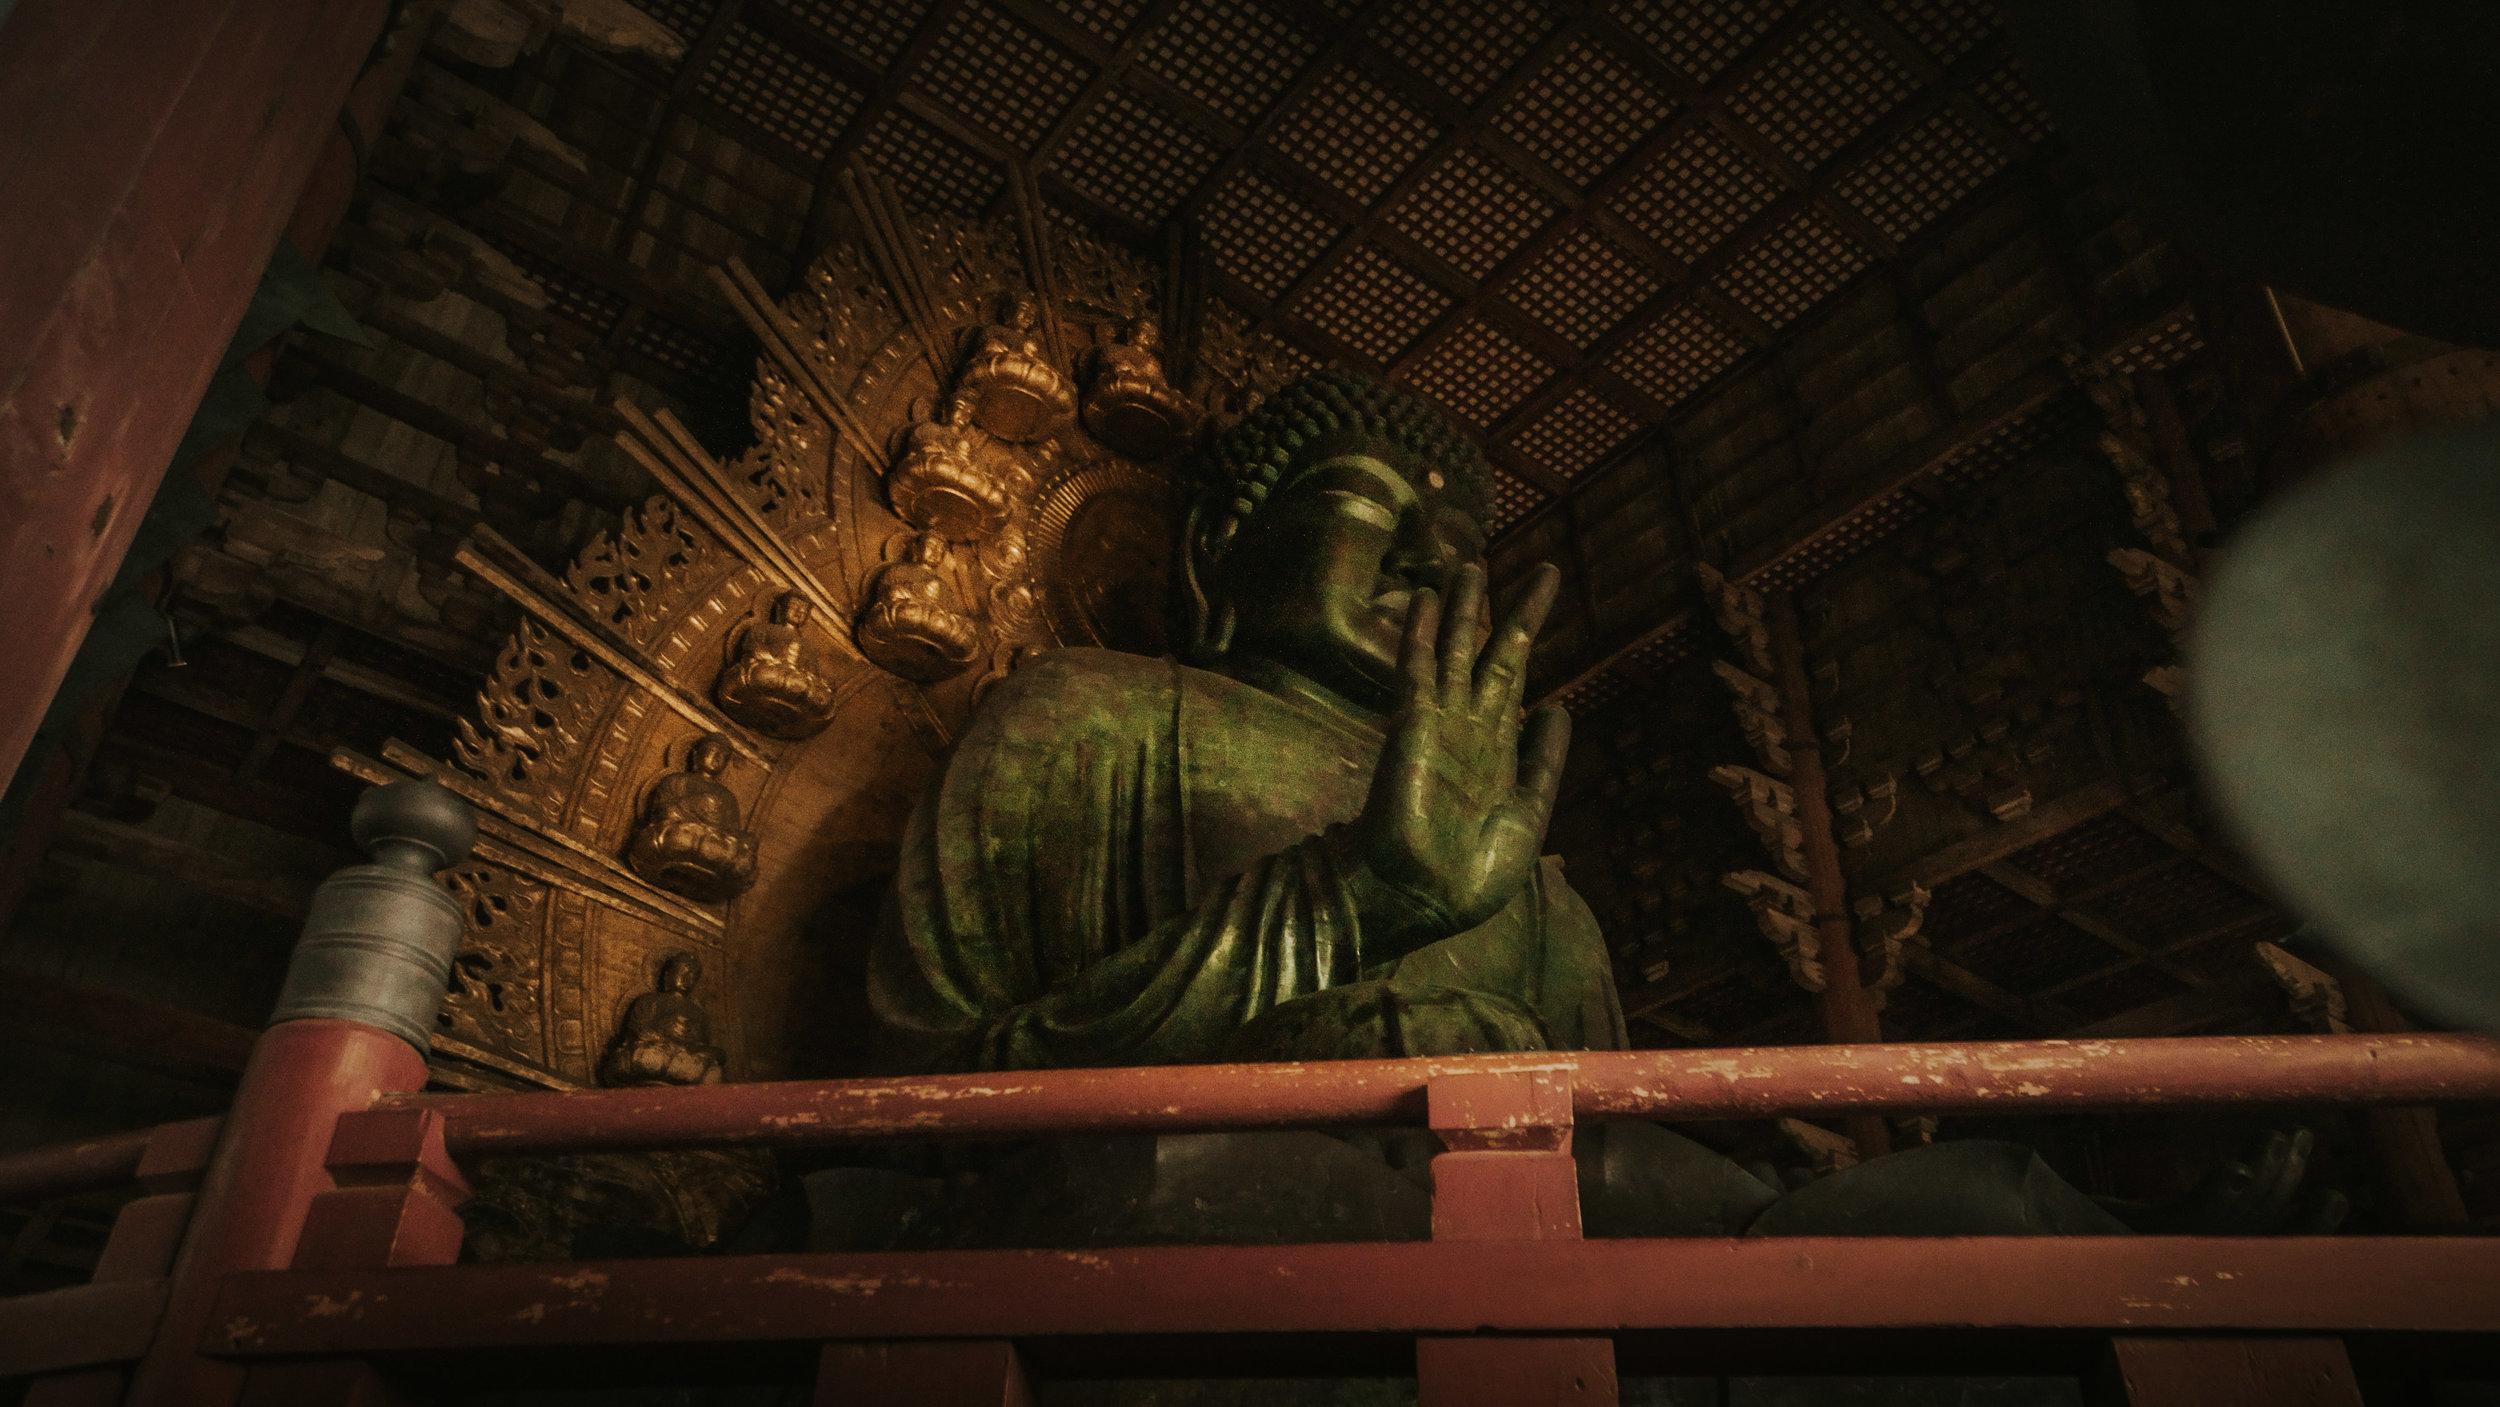 The  daibutsu  in Tōdai-ji